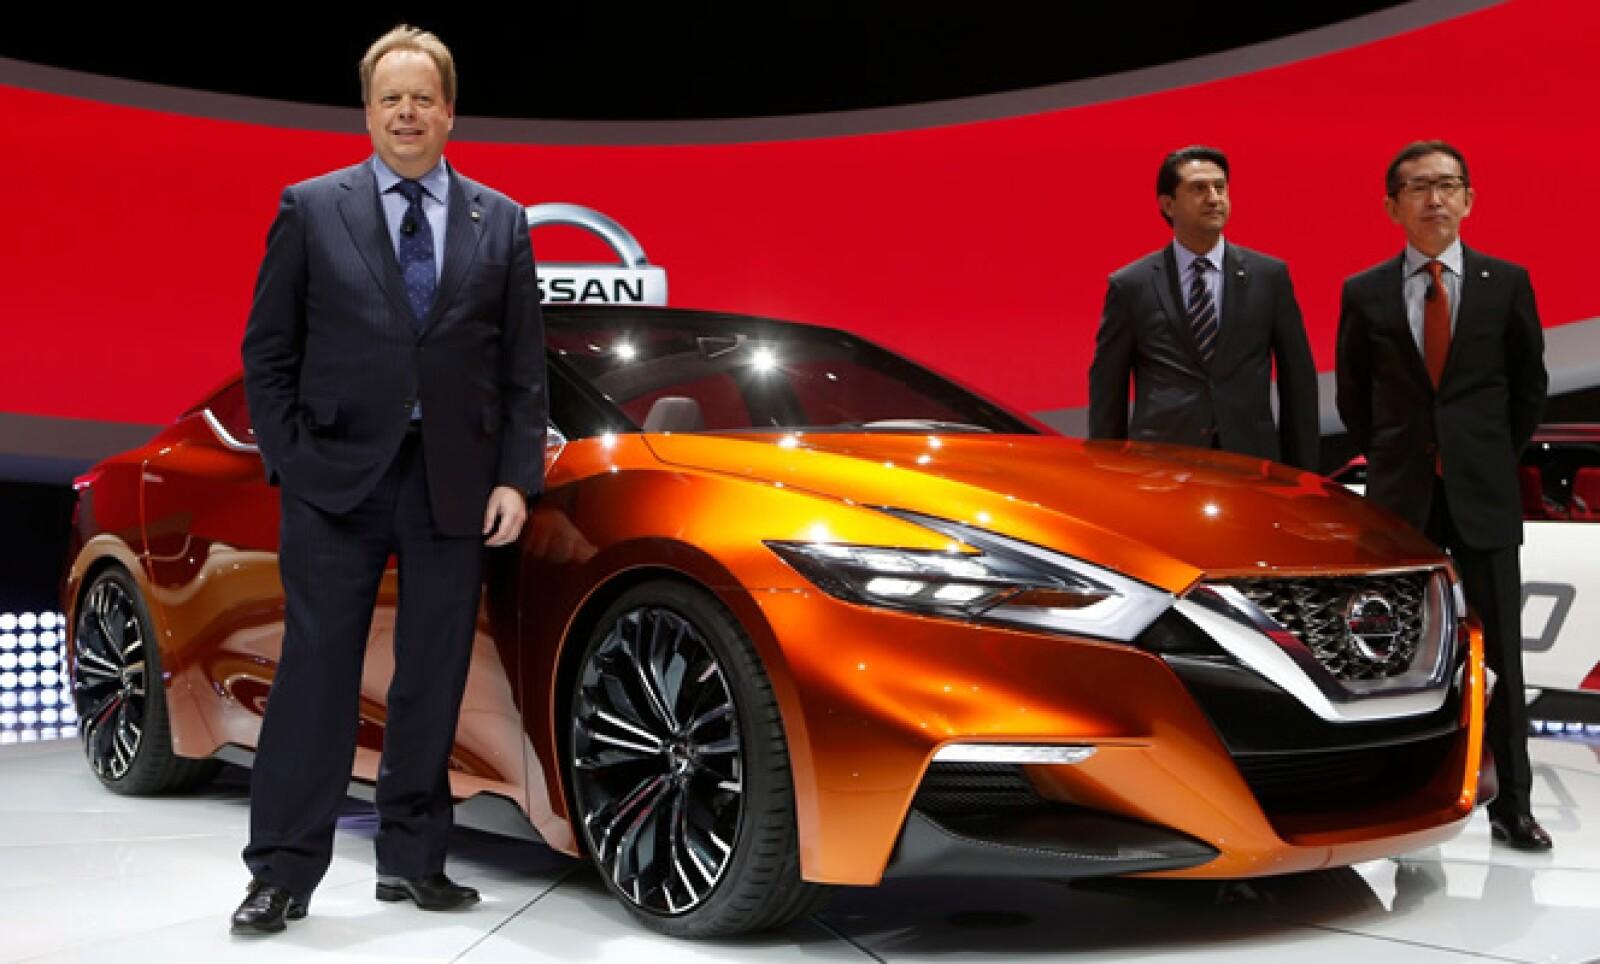 Este modelo comparte características de diseño con los modelos Resonance y Friend-Me que también se presentaron en Detroit.